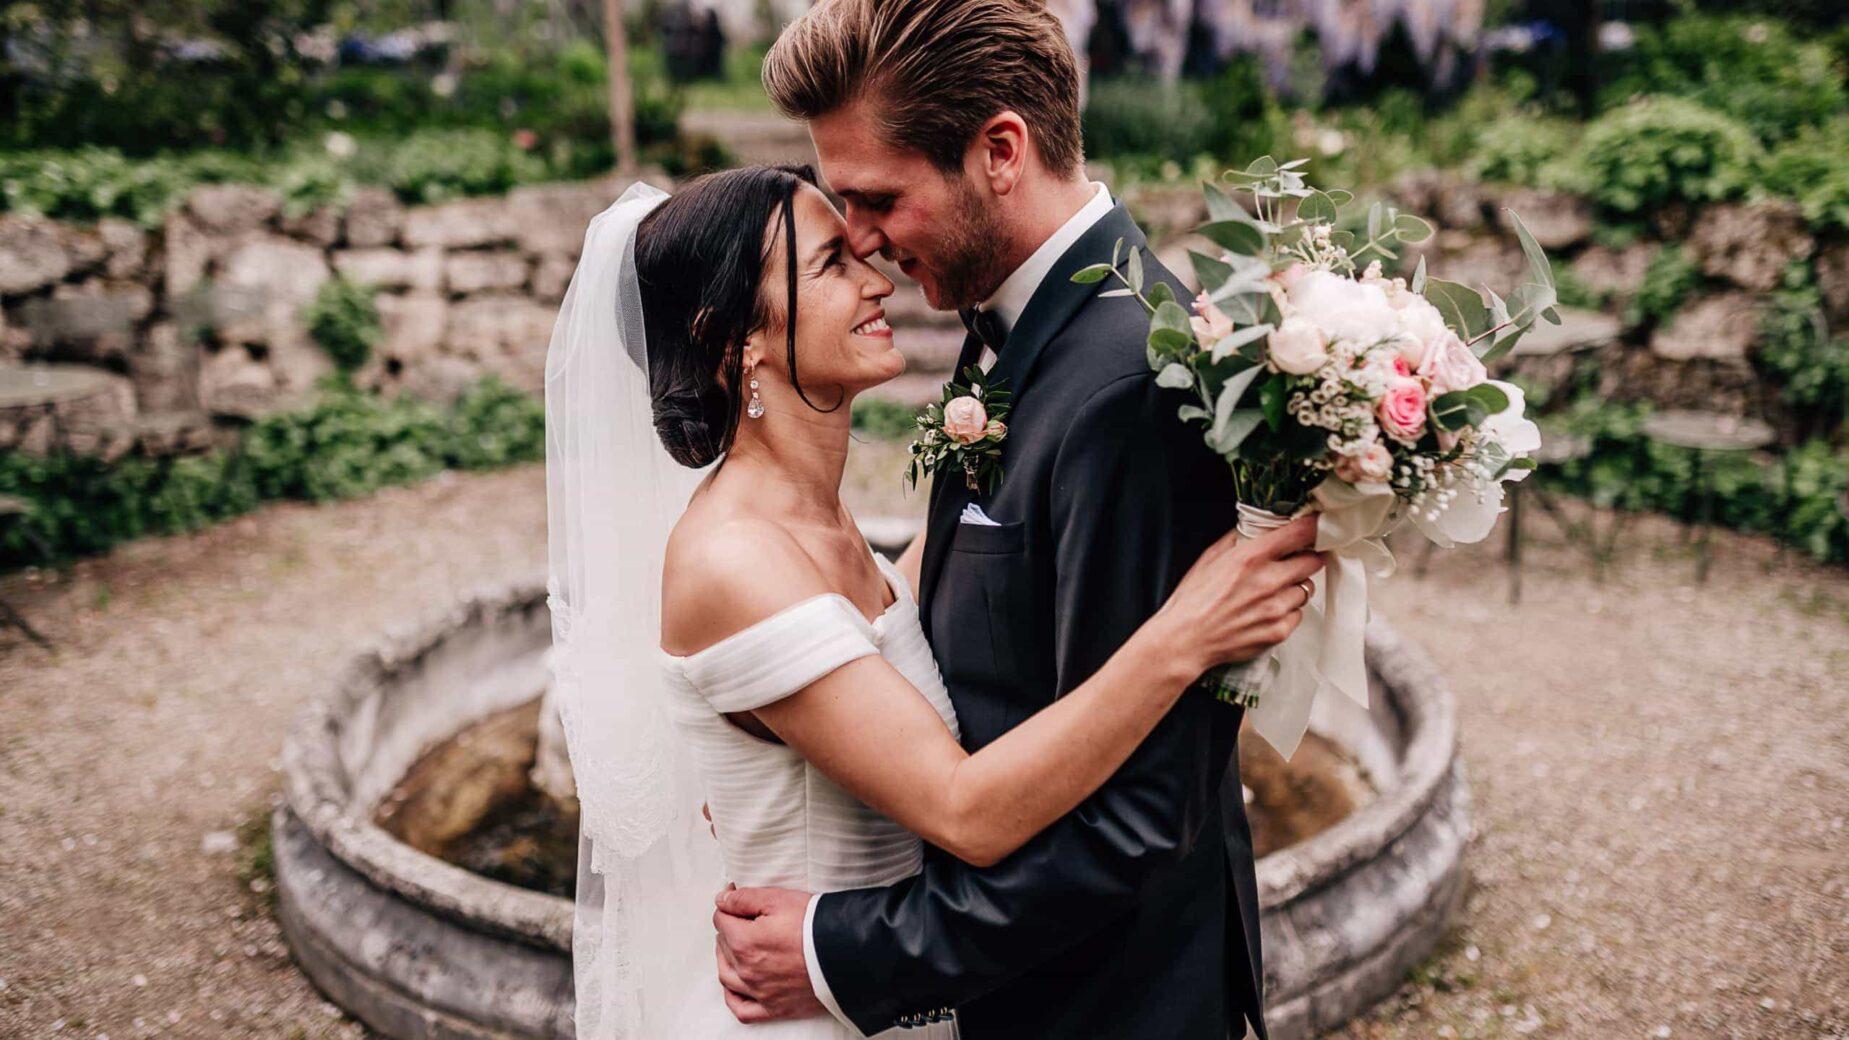 Hochzeitsfotos von Mica Zeitz, Jung und Wild design, Regenhochzeit in der Alten Gärtnerei bei München, Hochzeitsfotos um München, Ingolstadt, Pfaffenhofen, Augsburg